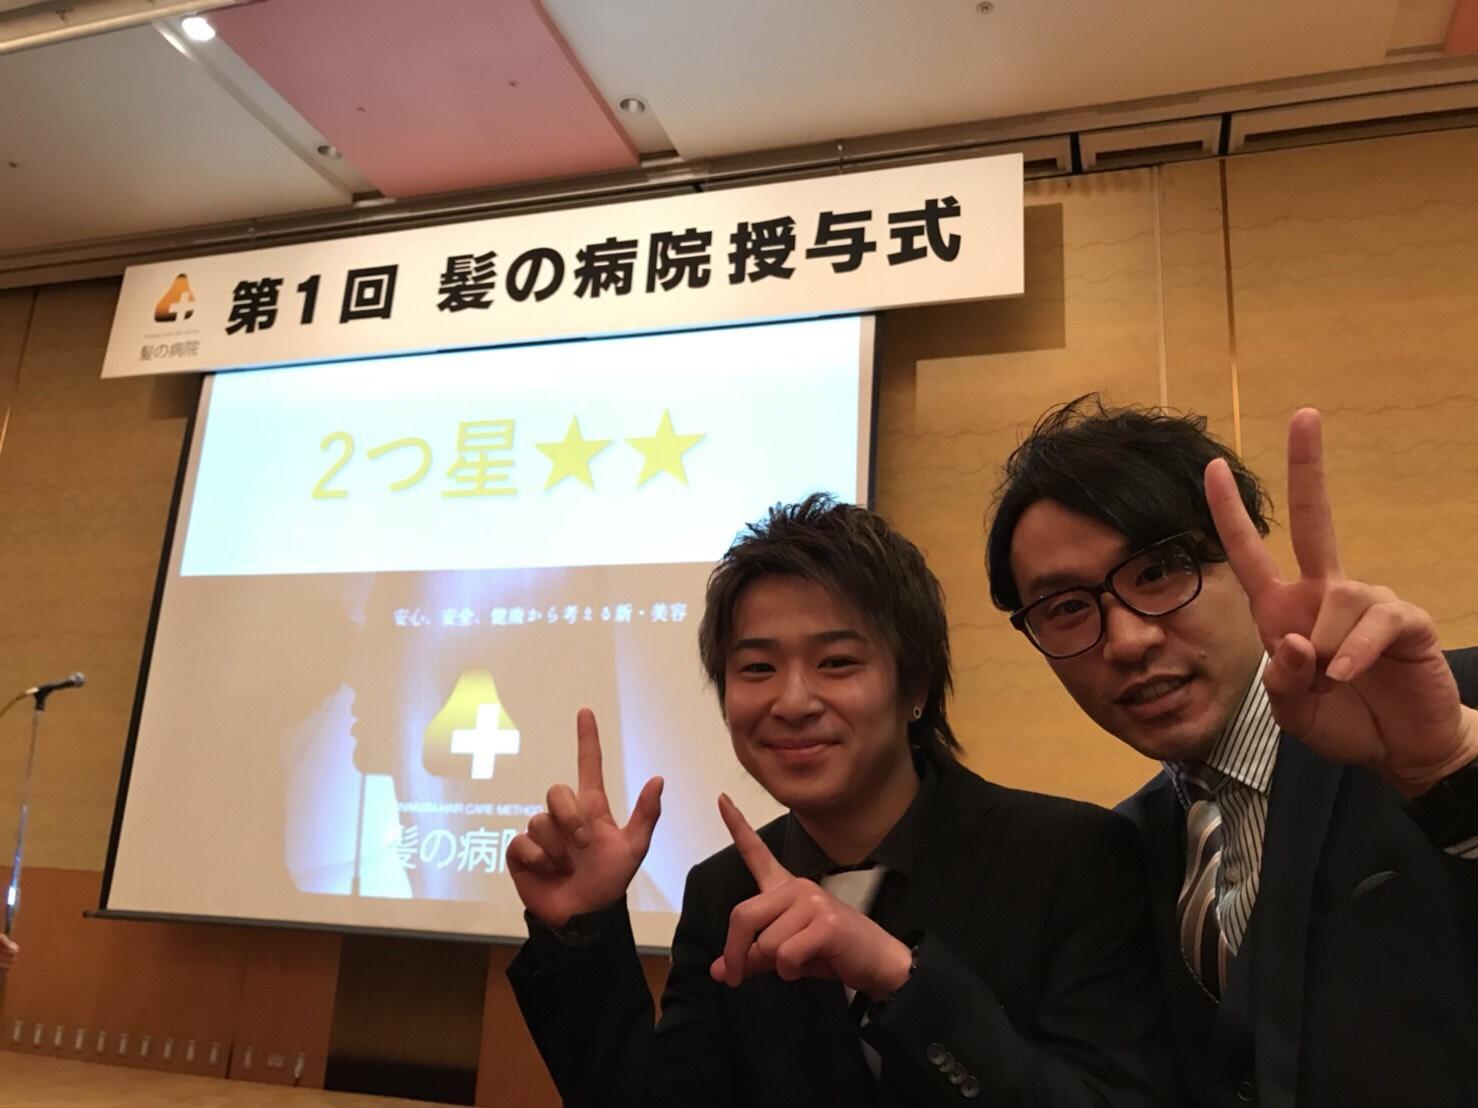 奈良県 大和郡山市小泉駅前美容室SWEET ROOM  髪の病院表彰式!